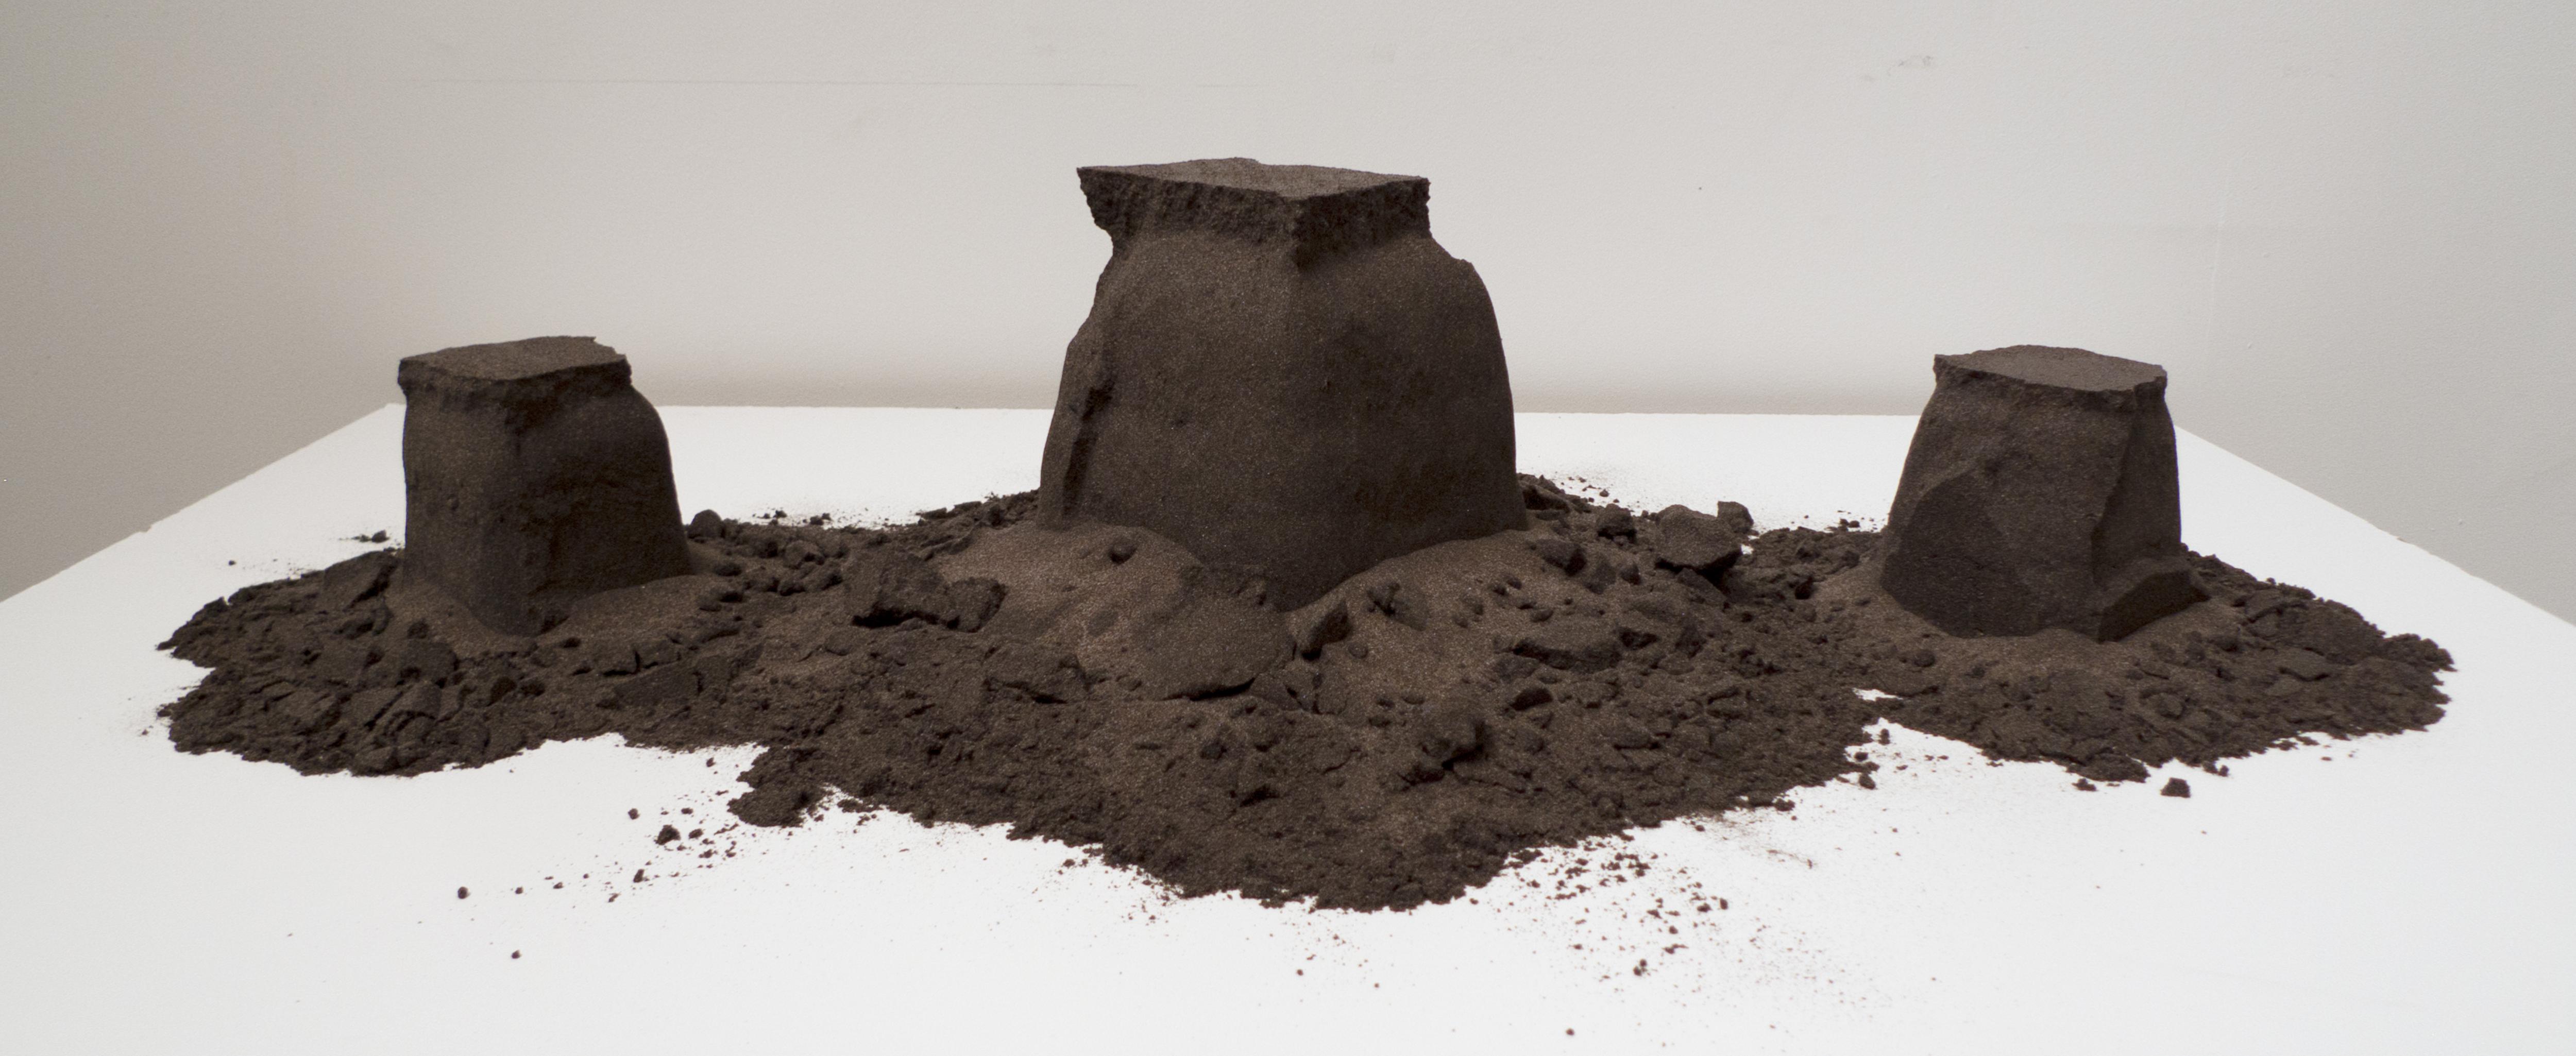 Forside sandkuber